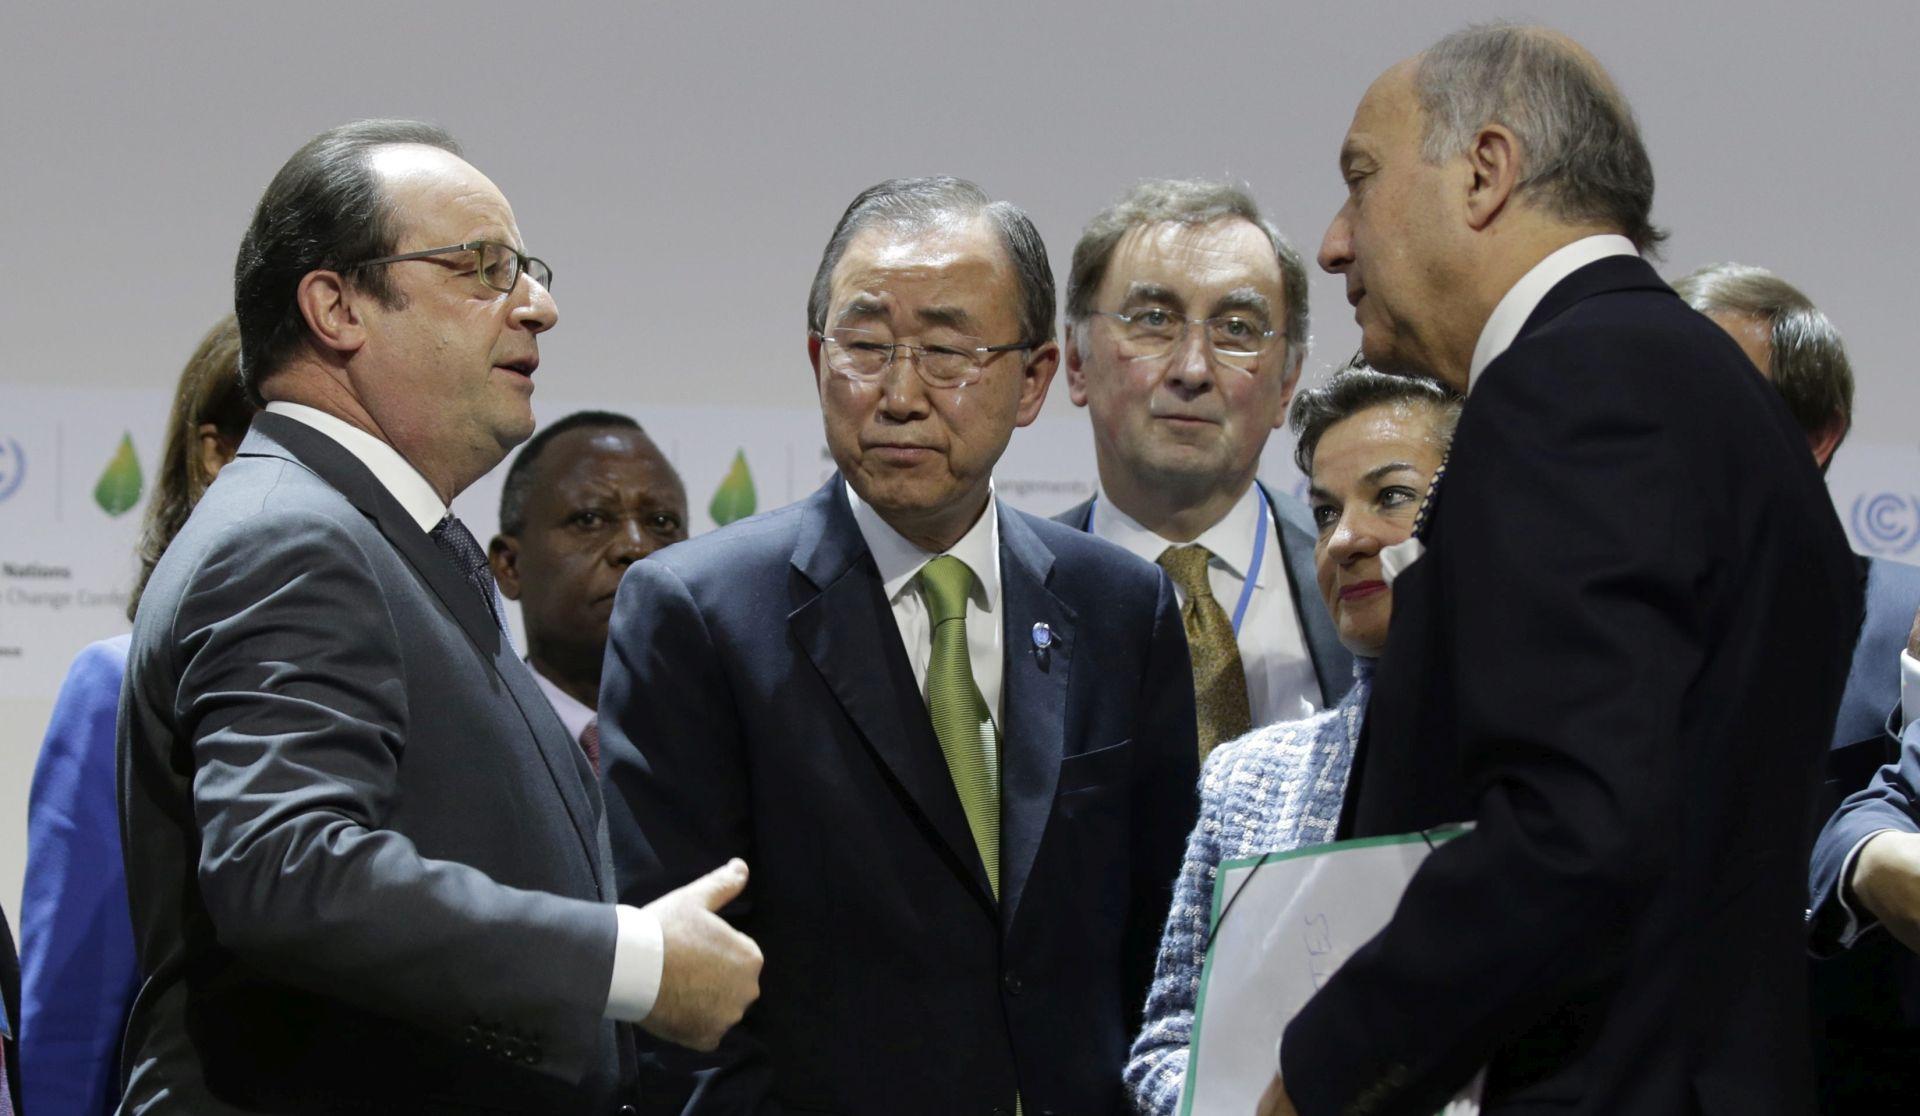 Globalna klimatska konferencija usvojila povijesni sporazum